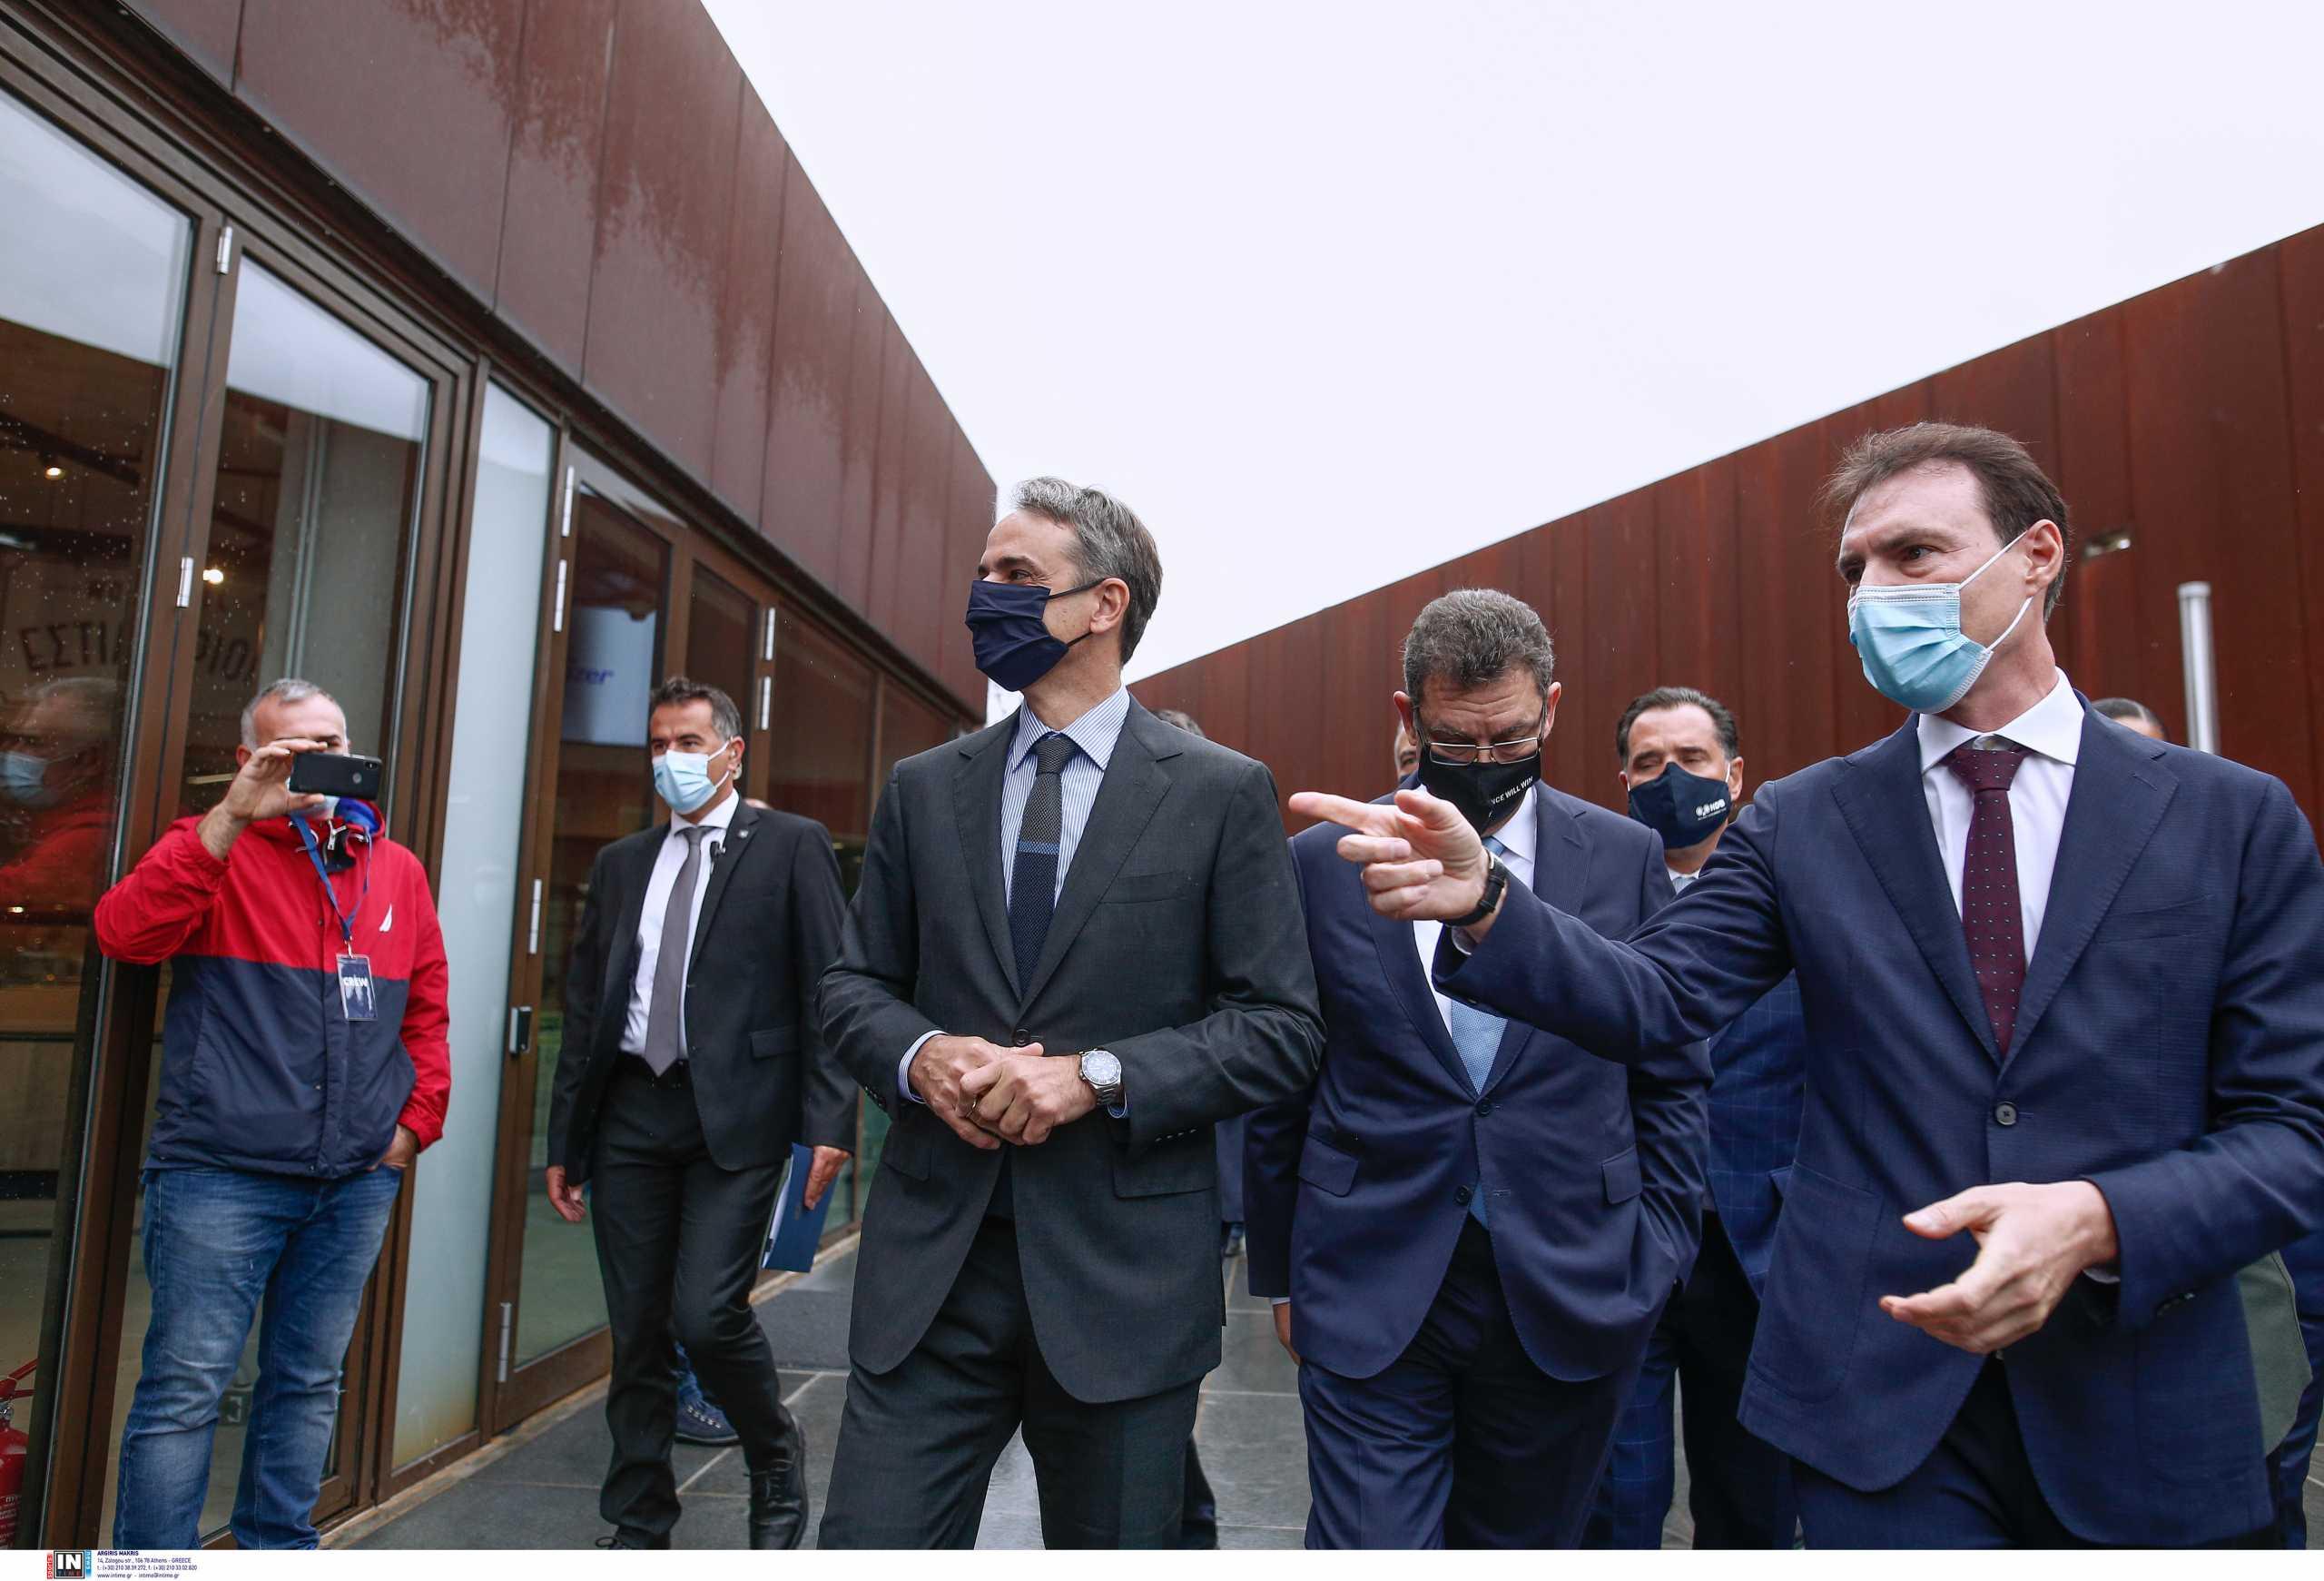 Ο Κυριάκος Μητσοτάκης στα εγκαίνια των νέων εγκαταστάσεων της Pfizer στην Θεσσαλονίκη